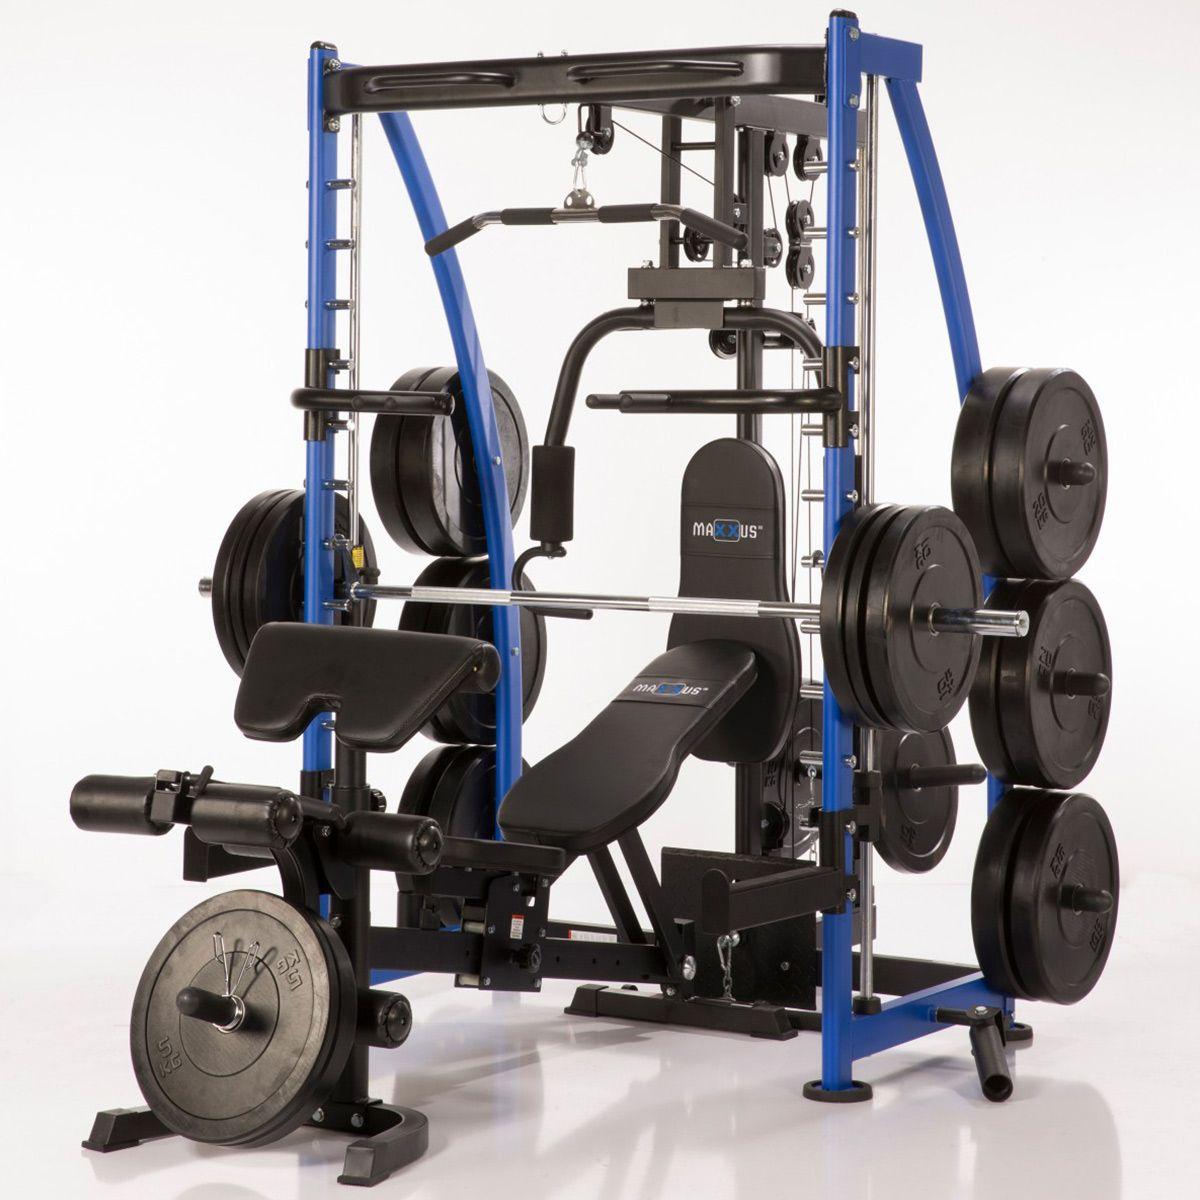 maxxus multipress smith machine 8 1 100705960